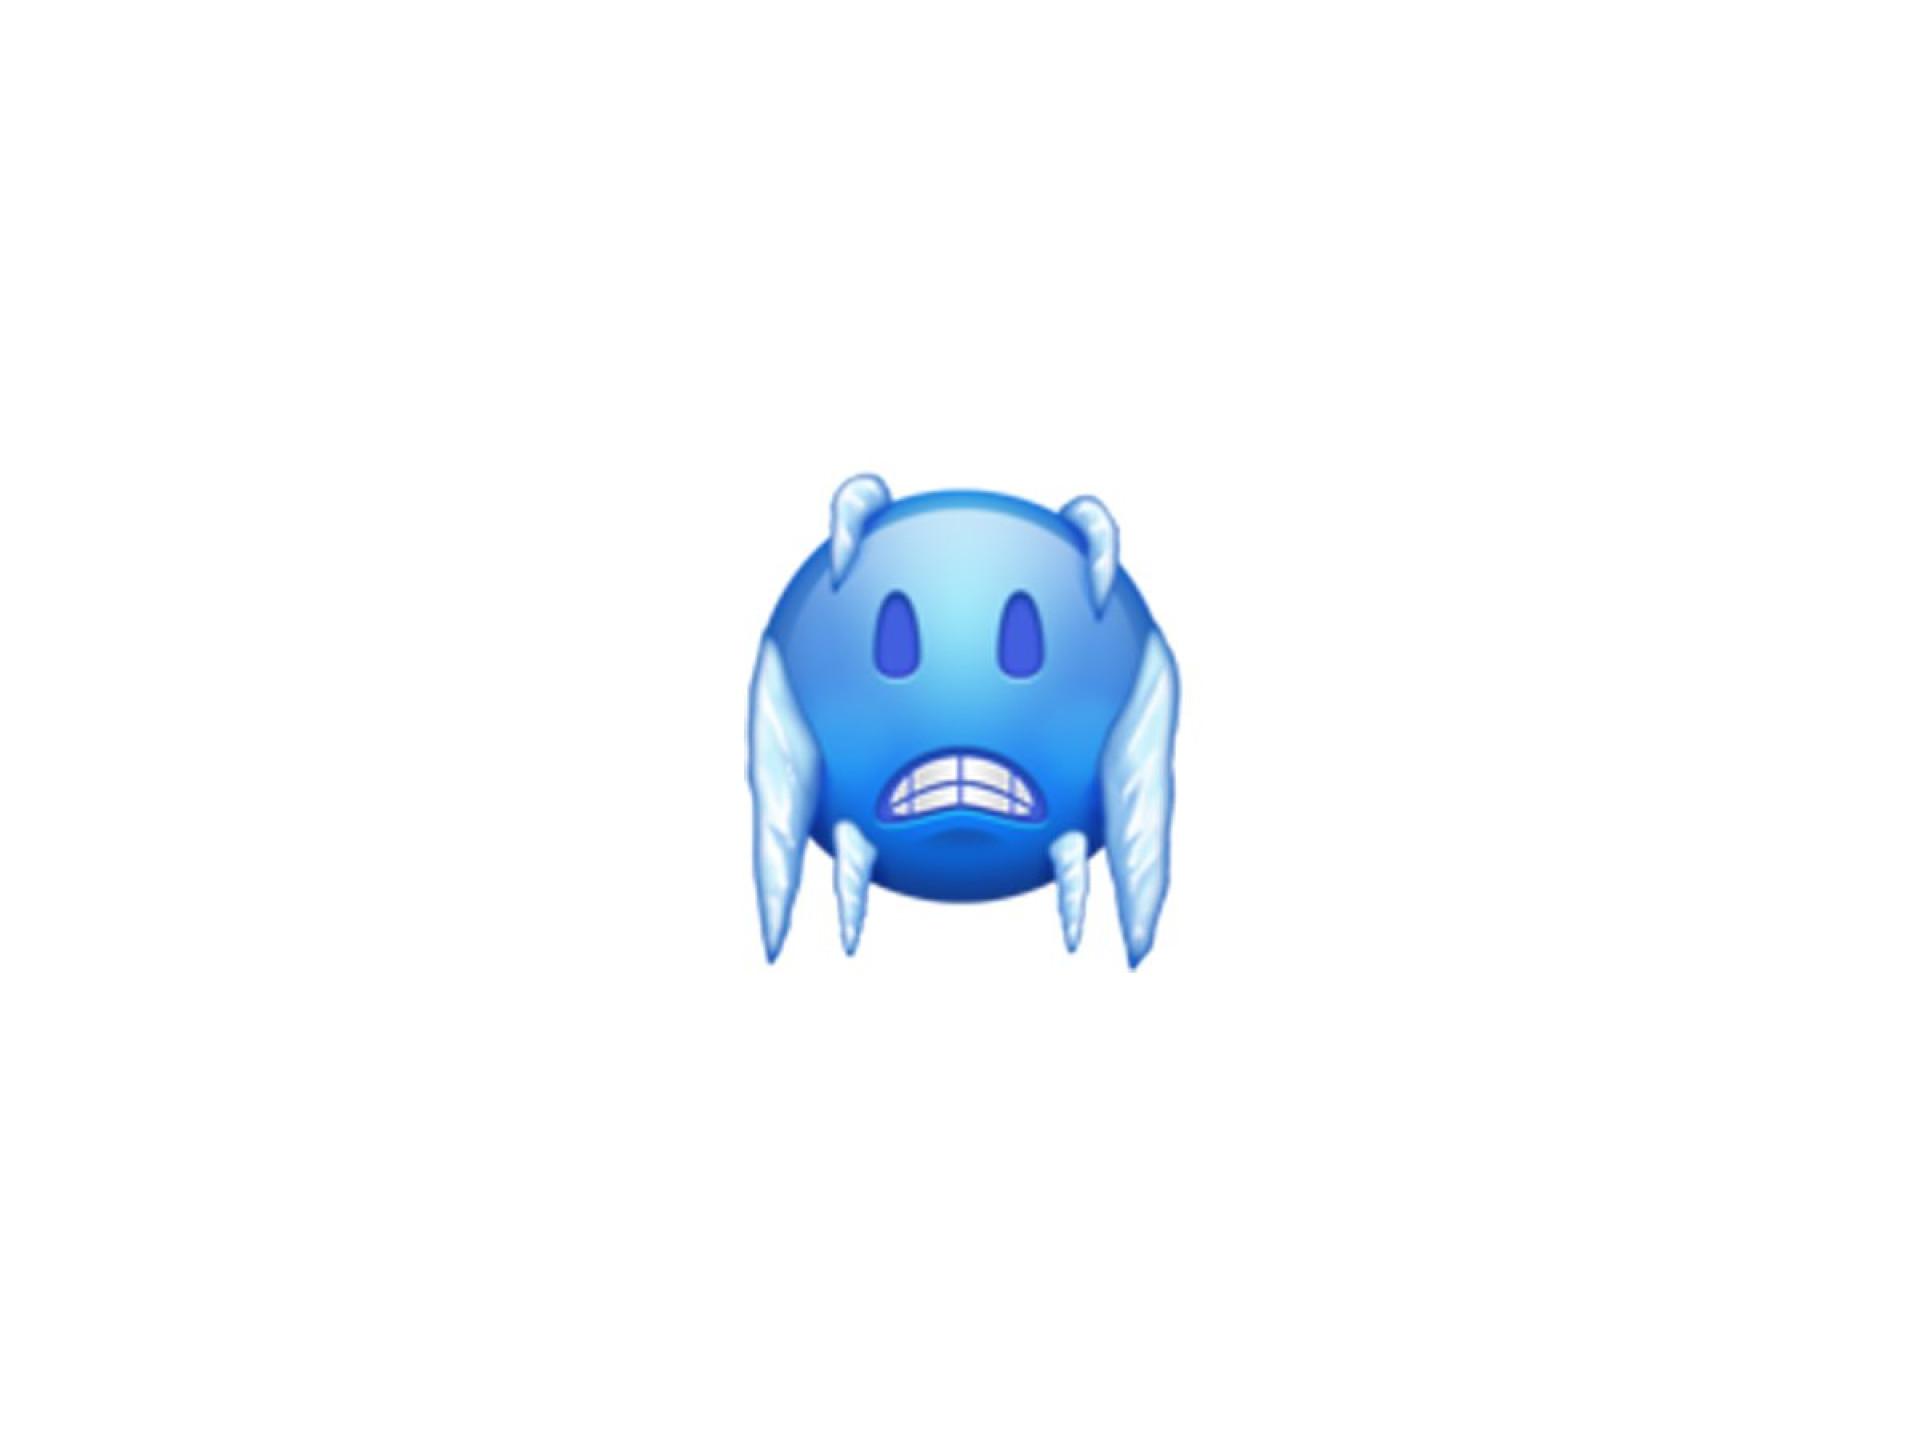 Aqui pode ver todos os emojis que serão lançados em 2018